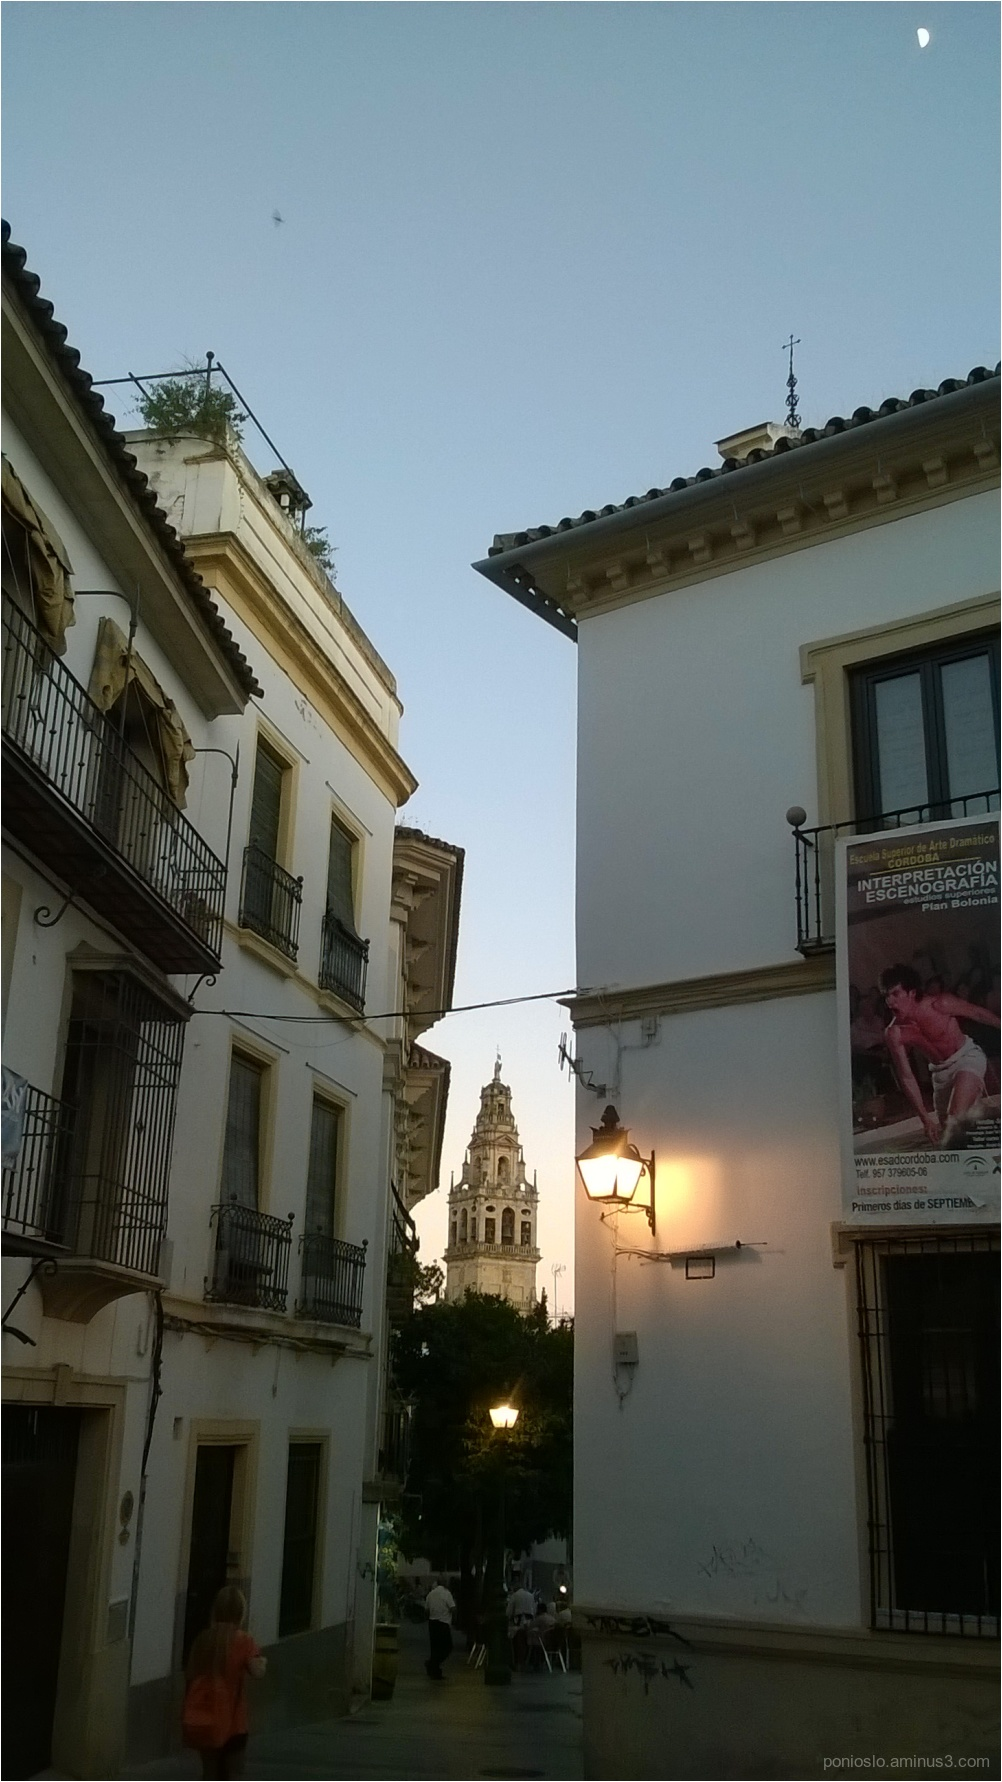 Hiszpania/ Spain 1